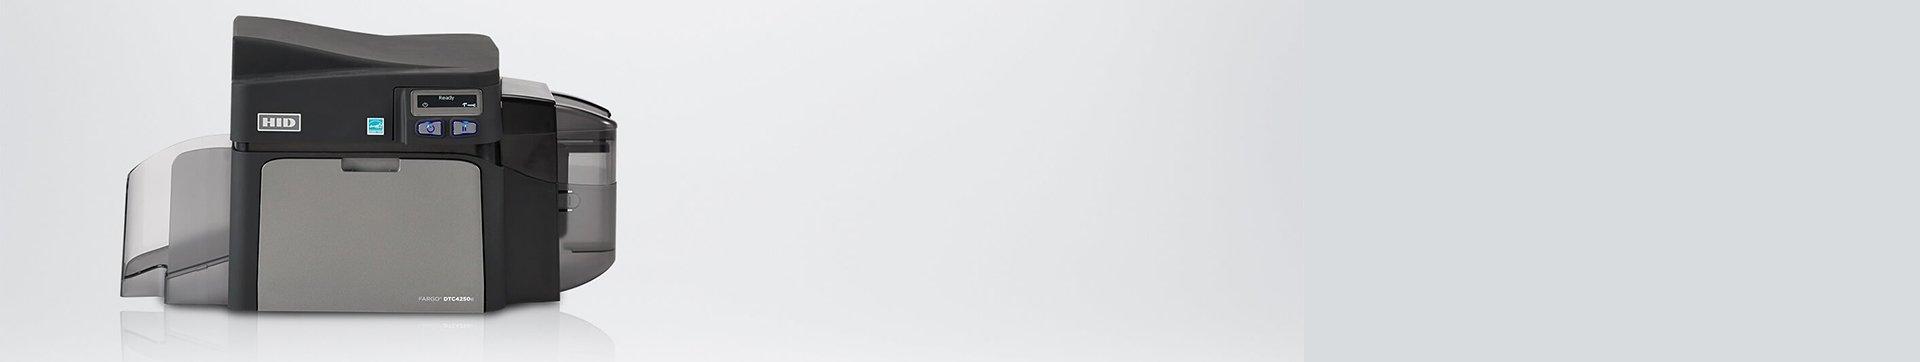 ID Stampaci - Fargo DTC4250e encoder smart kartica